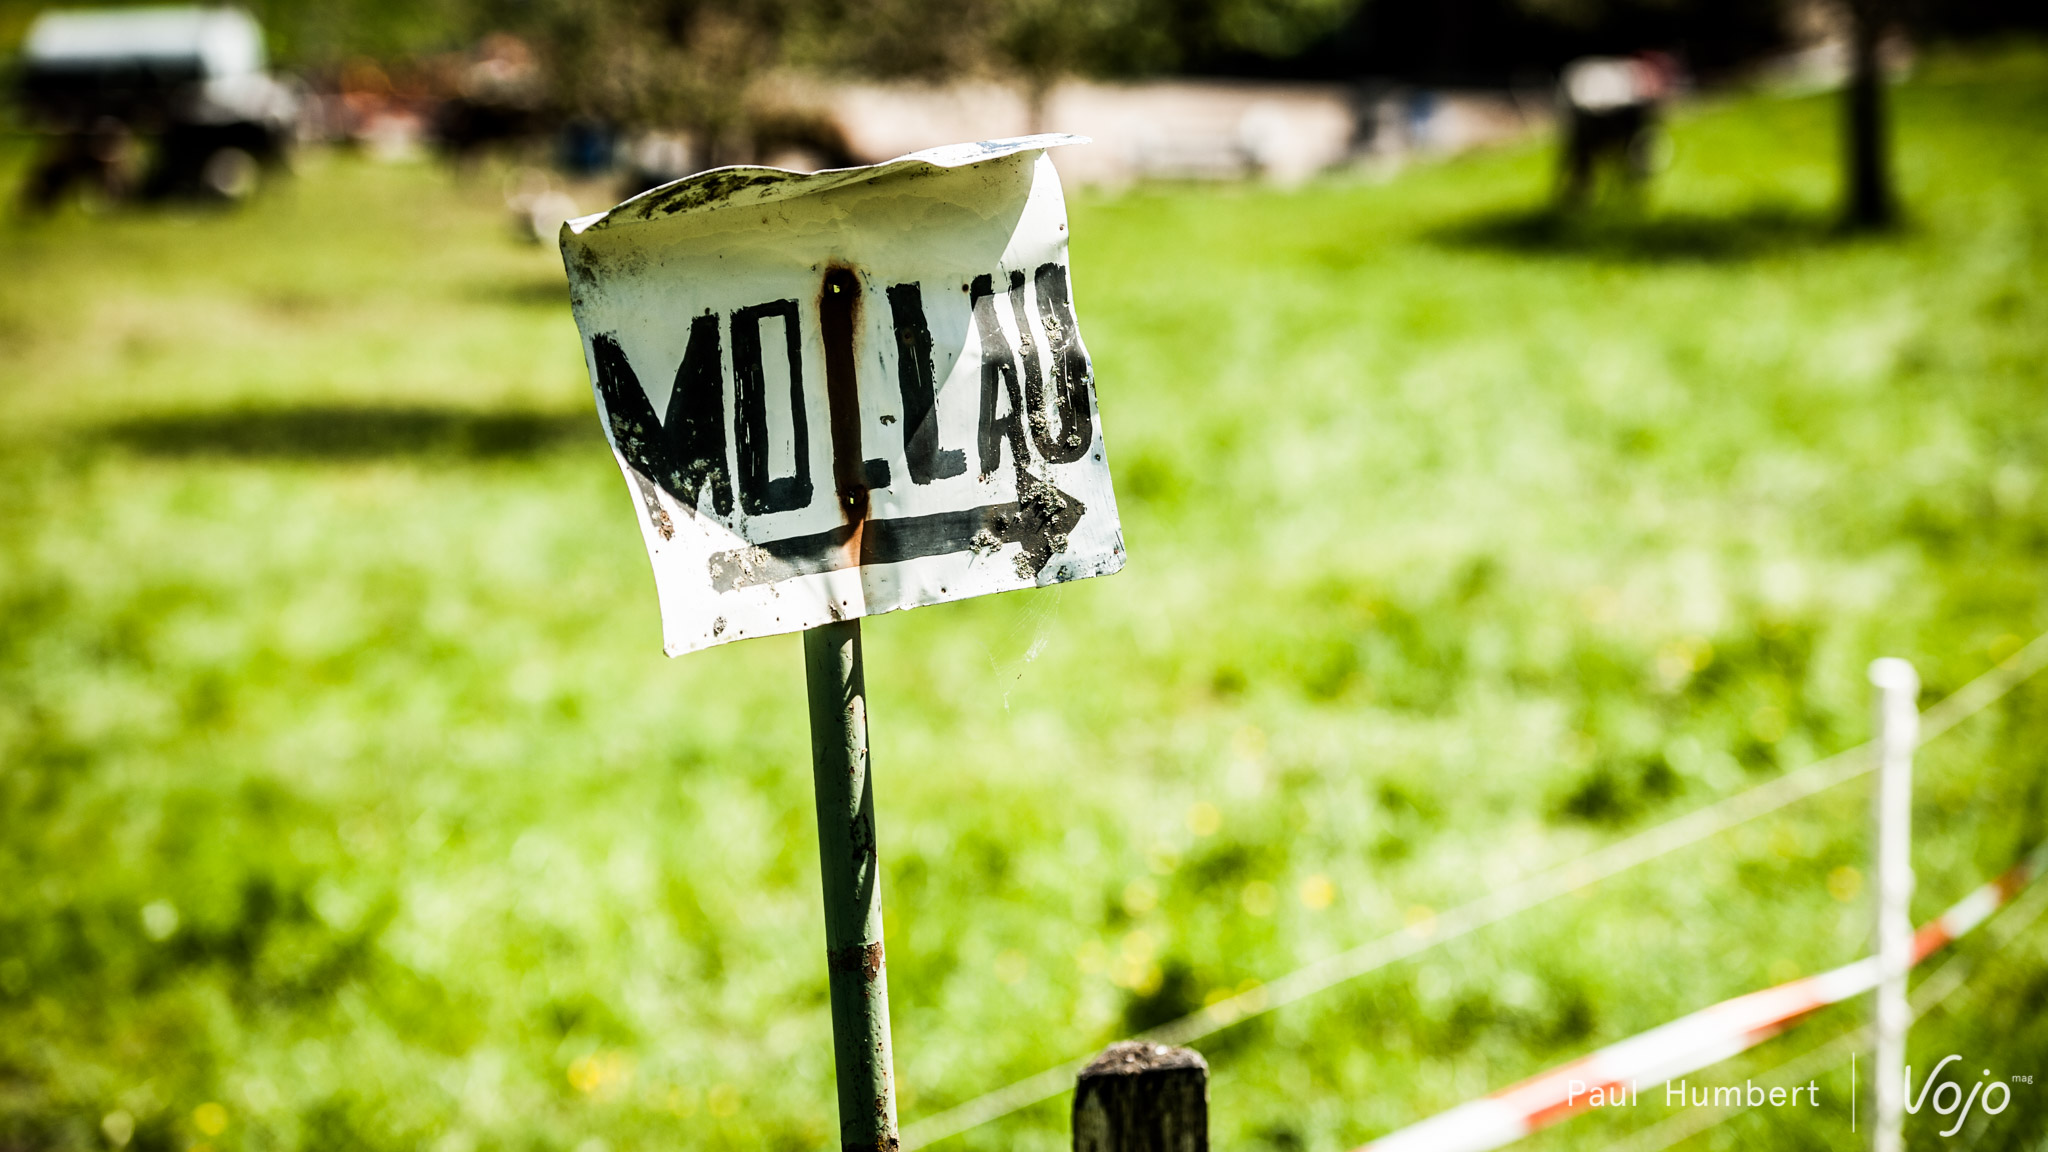 CET-2-Mollau-vojo-2016-paul-humbert-18